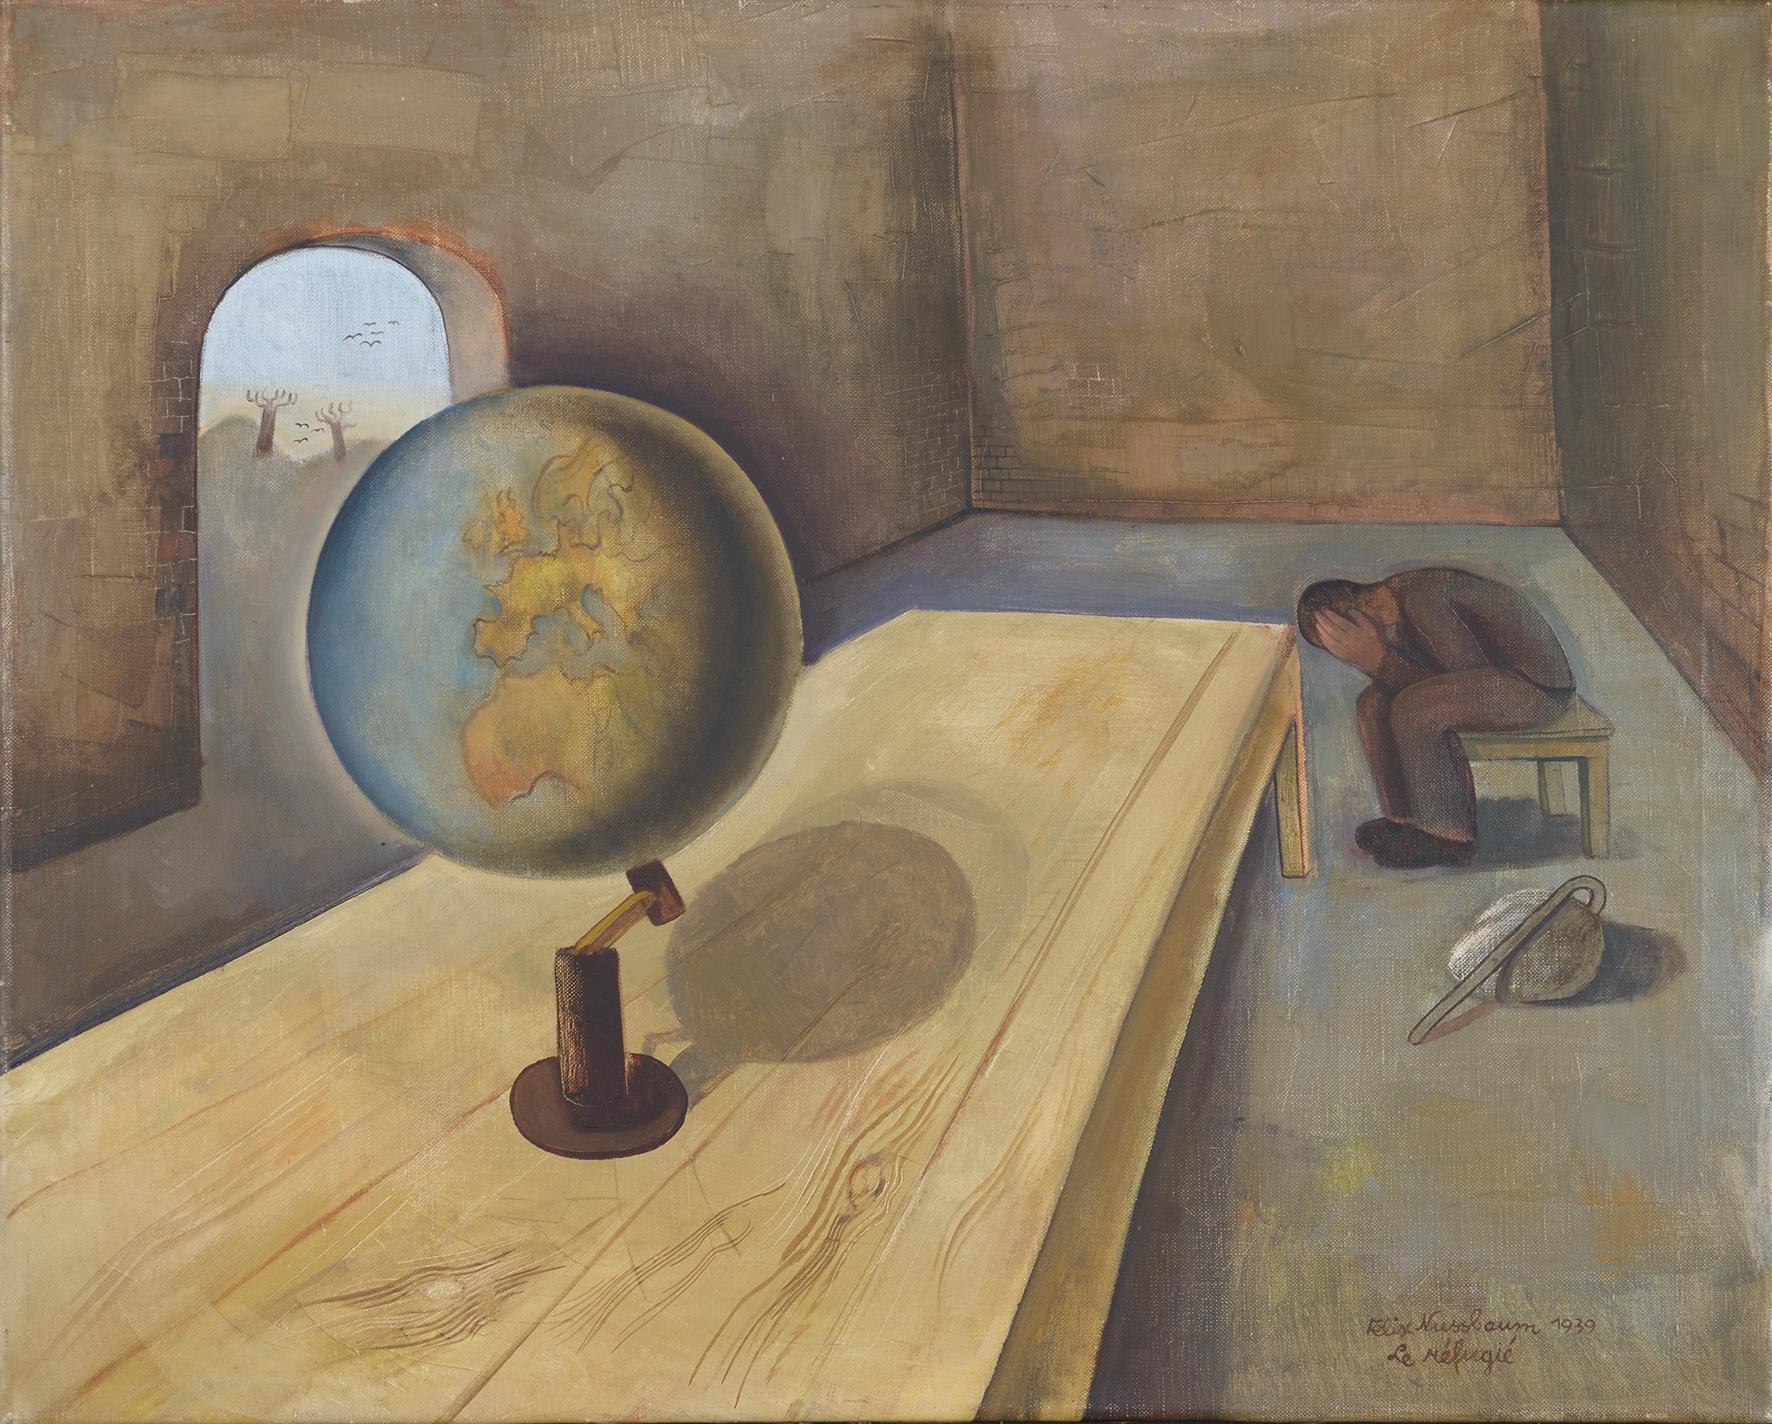 Kunst aus dem Holocaust